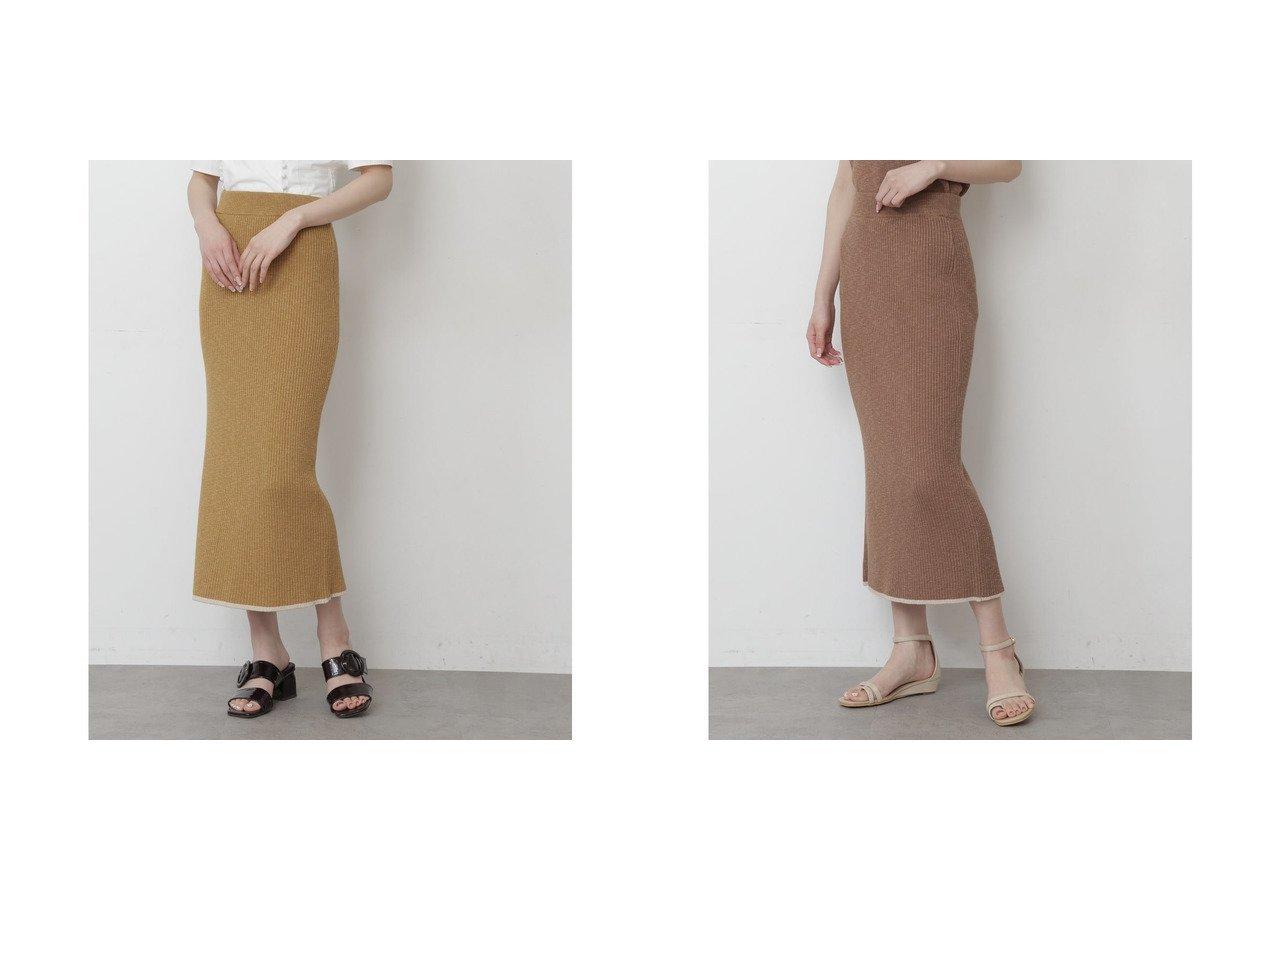 【FREE'S MART/フリーズマート】の配色バインダーリブニットスカート マスタード おすすめ!人気、トレンド・レディースファッションの通販 おすすめで人気の流行・トレンド、ファッションの通販商品 インテリア・家具・メンズファッション・キッズファッション・レディースファッション・服の通販 founy(ファニー) https://founy.com/ ファッション Fashion レディースファッション WOMEN スカート Skirt 2021年 2021 2021春夏・S/S SS/Spring/Summer/2021 S/S・春夏 SS・Spring/Summer スリット センター 春 Spring  ID:crp329100000042343